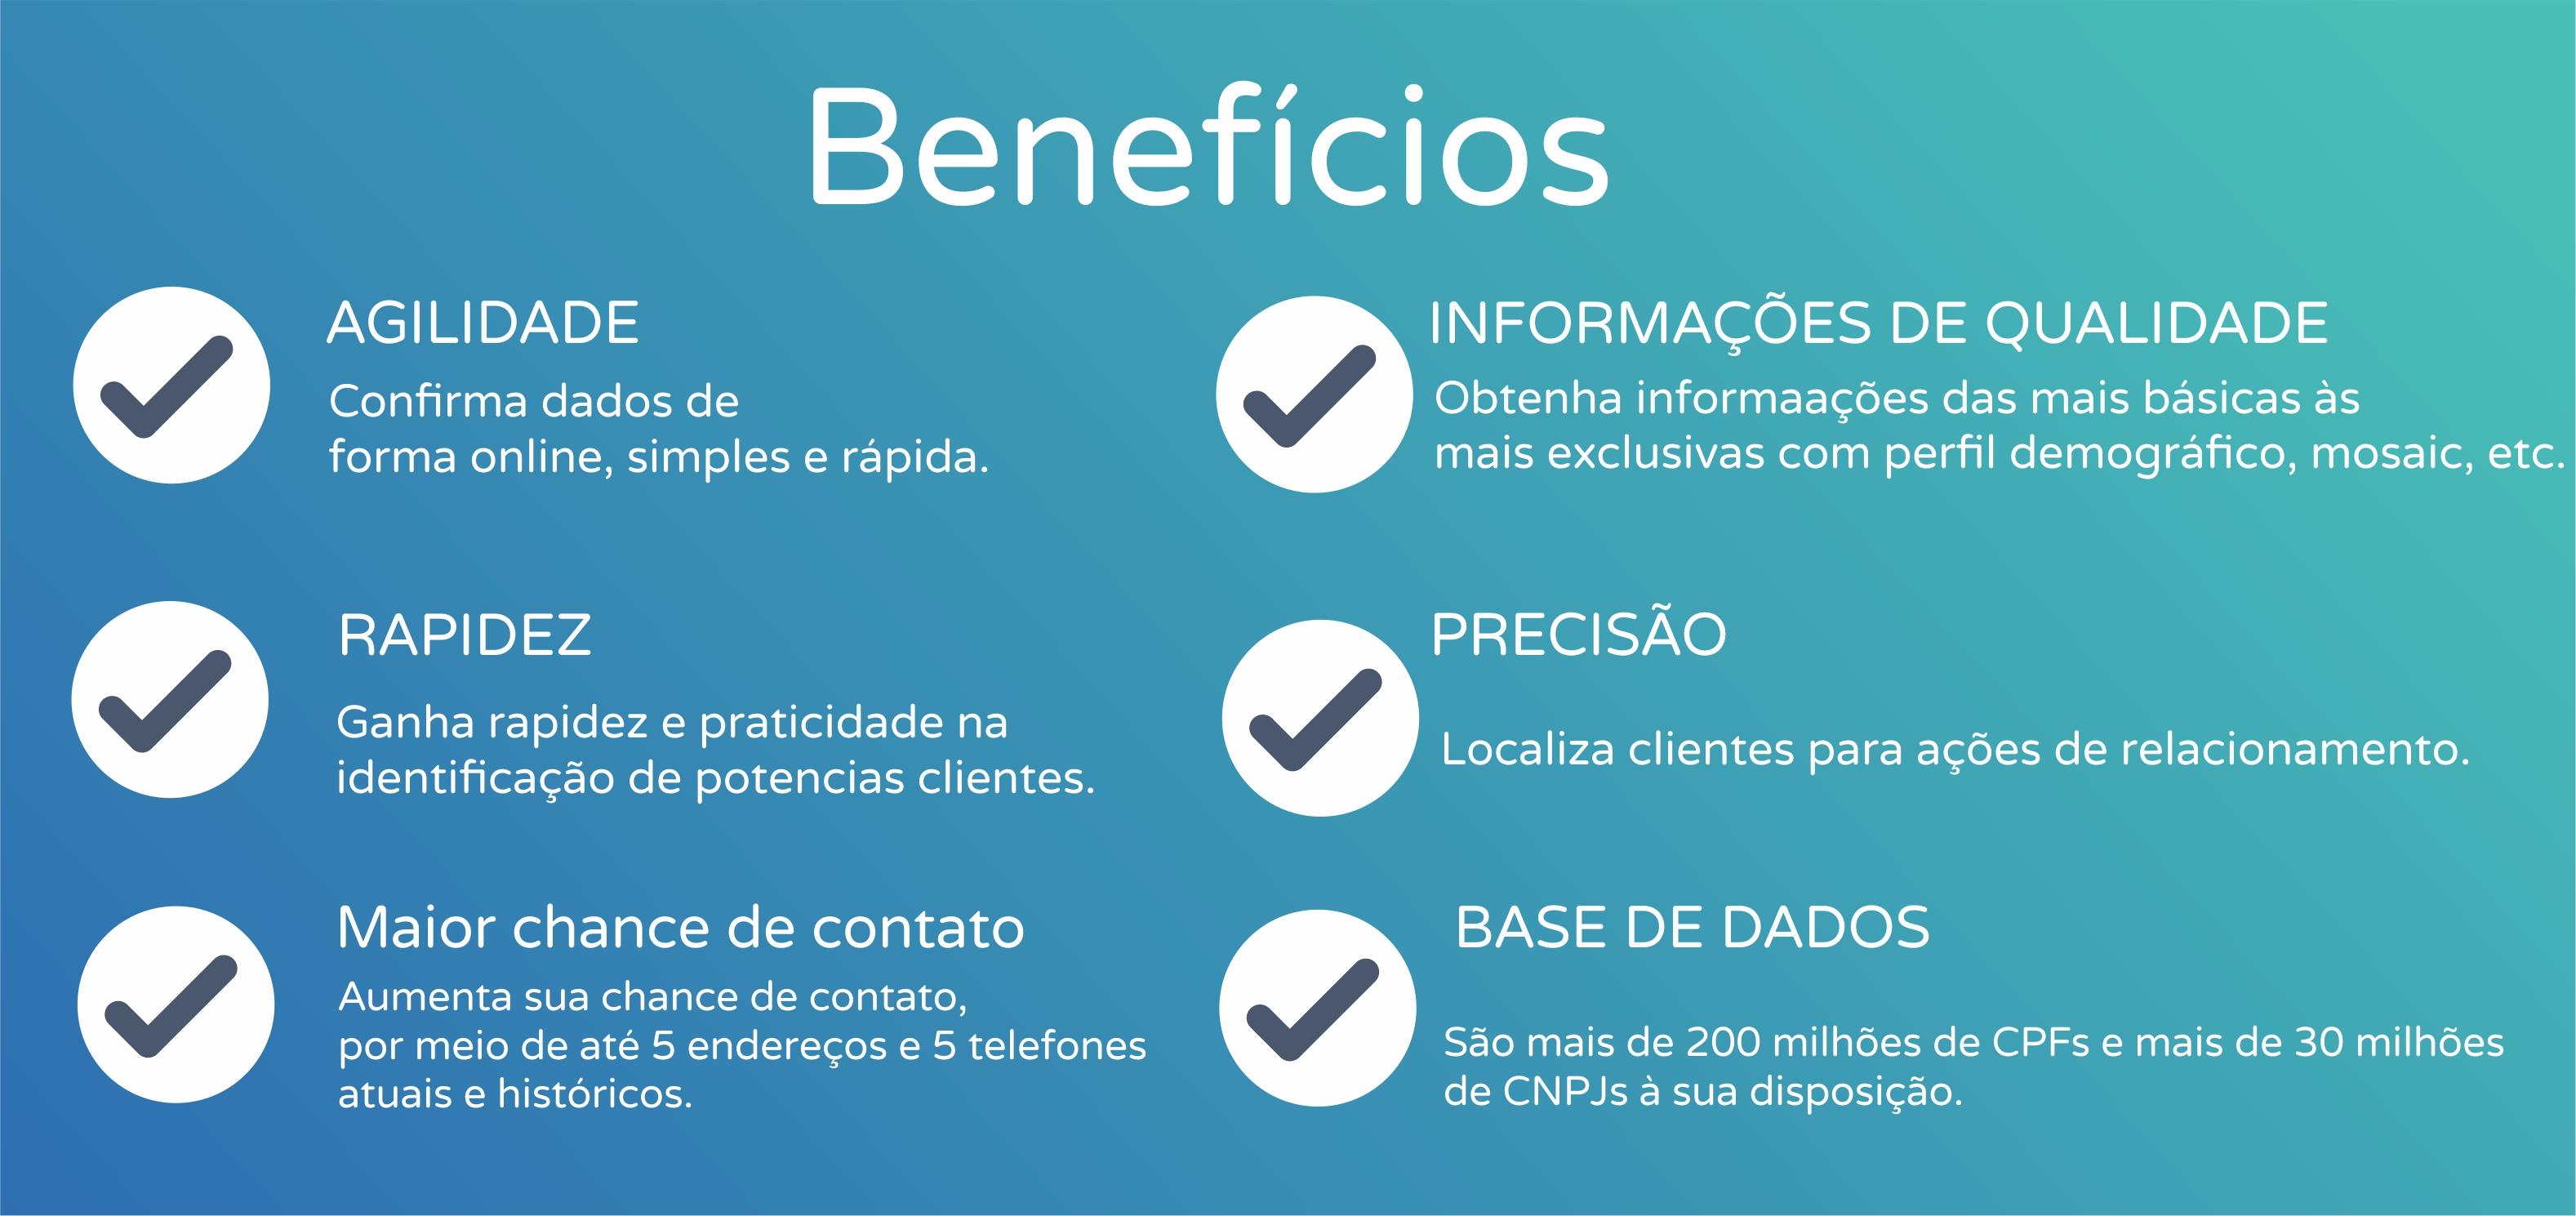 195da51987 Identifique e localize seus clientes com Infobusca – Parceria